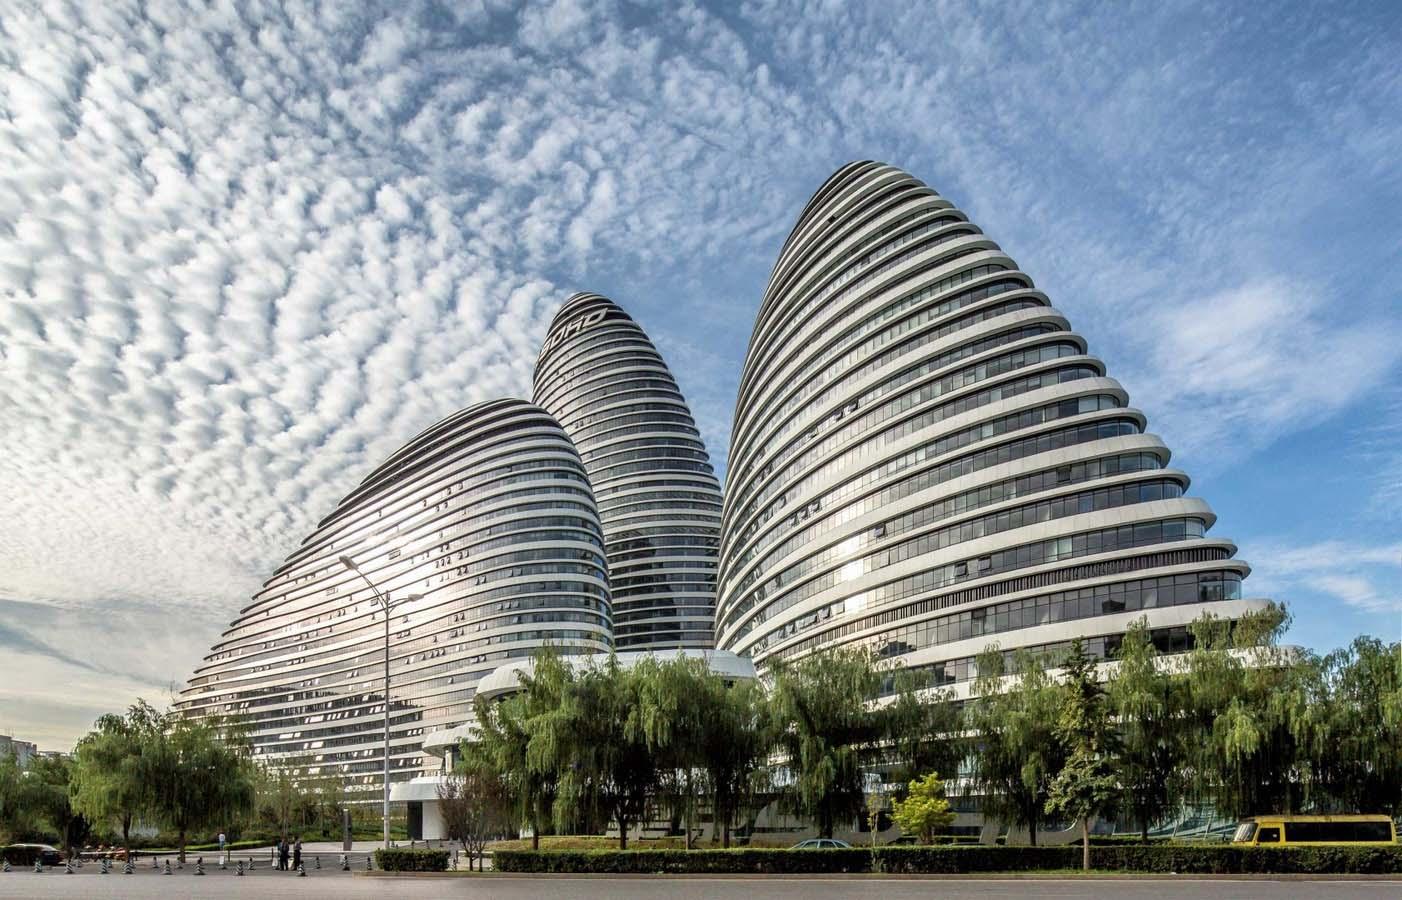 Hình 3: Wangjing SOHO, Bắc Kinh, Trung Quốc